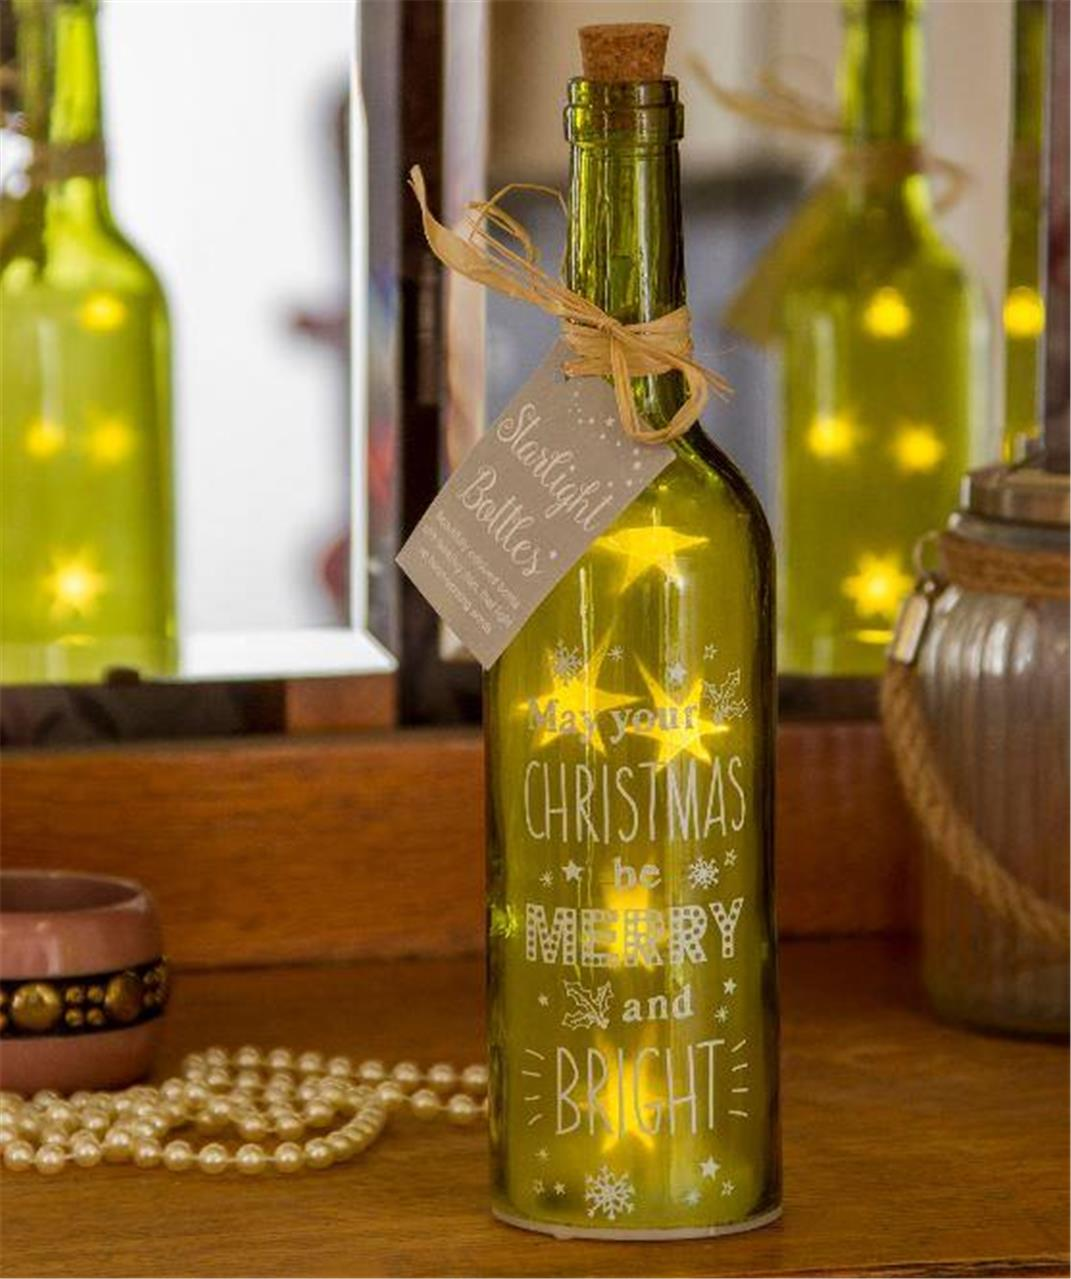 starlight bottles led light up wine bottle accessories